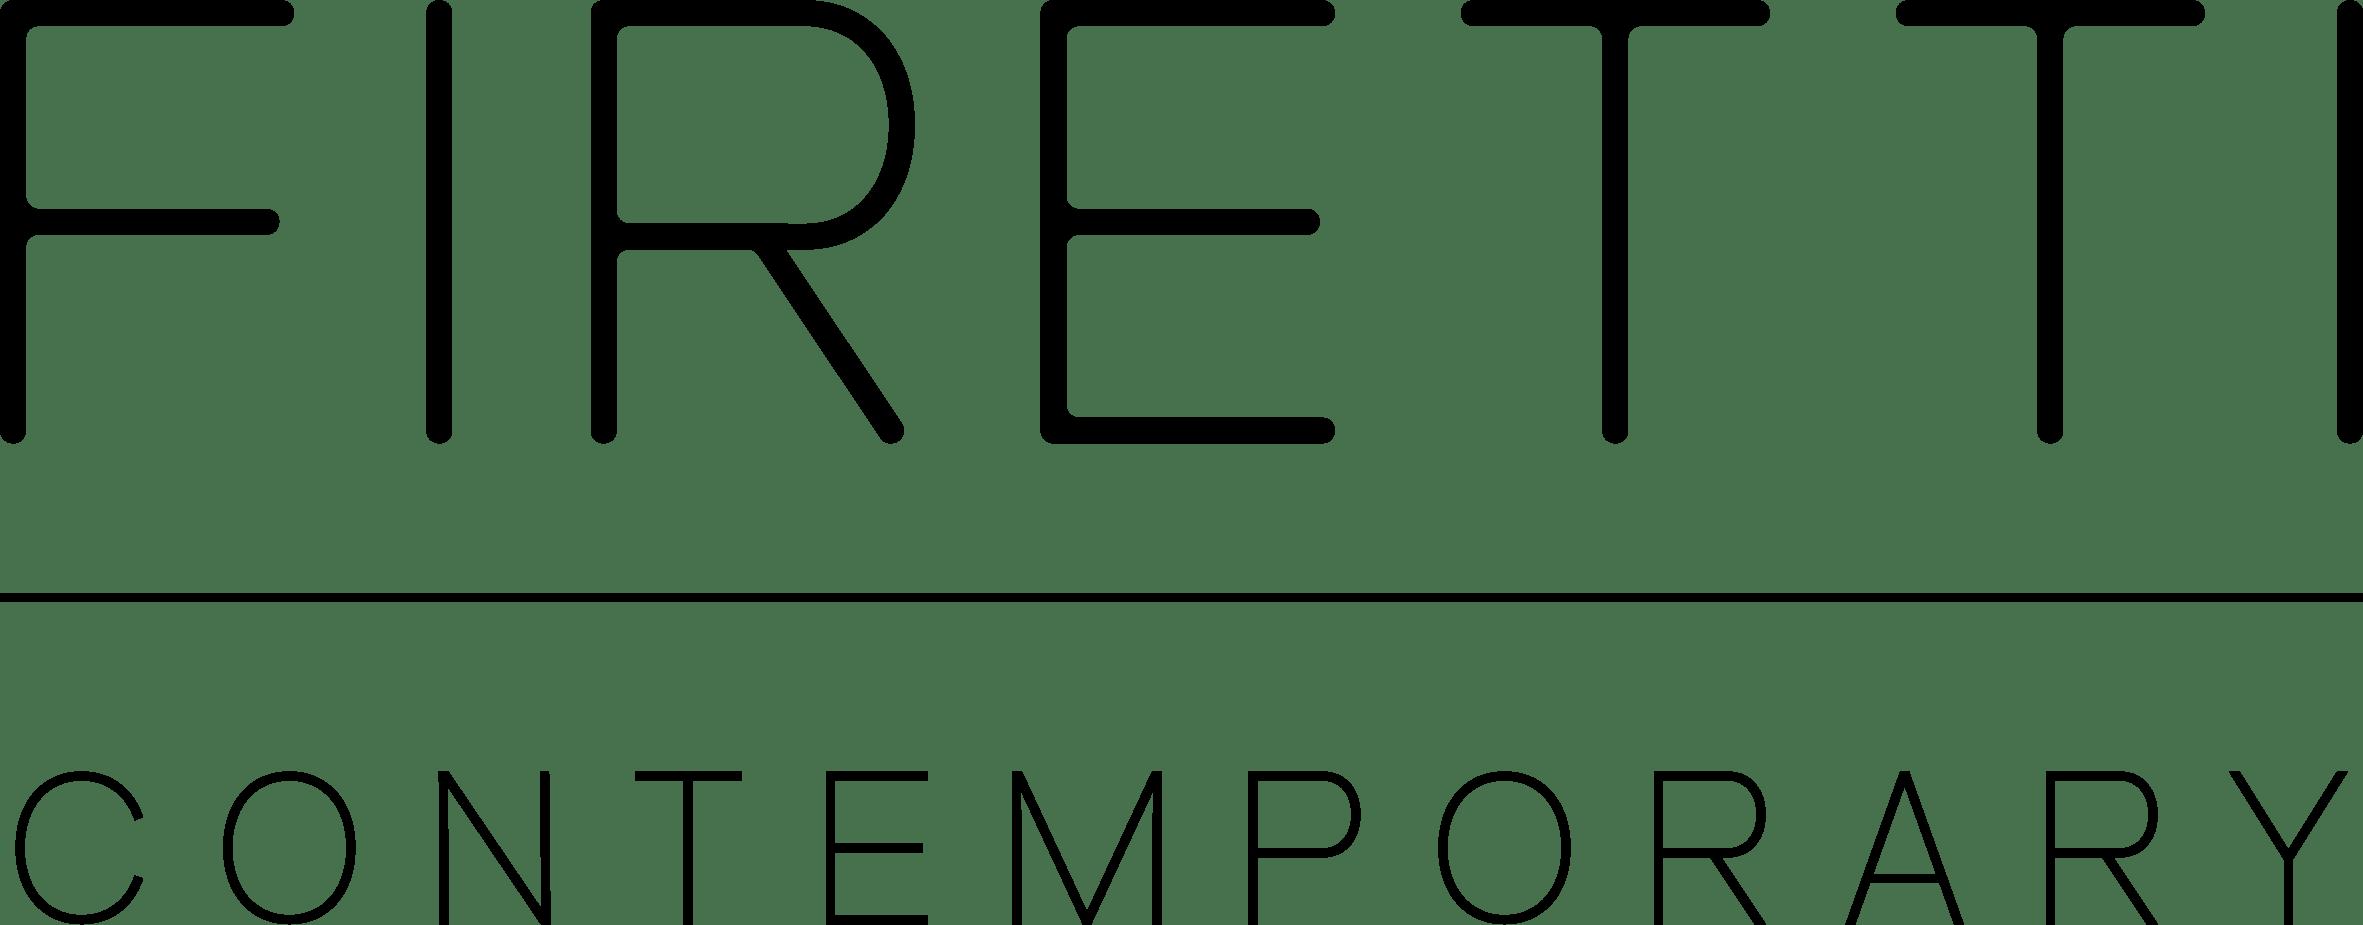 Firetti Contemporary company logo